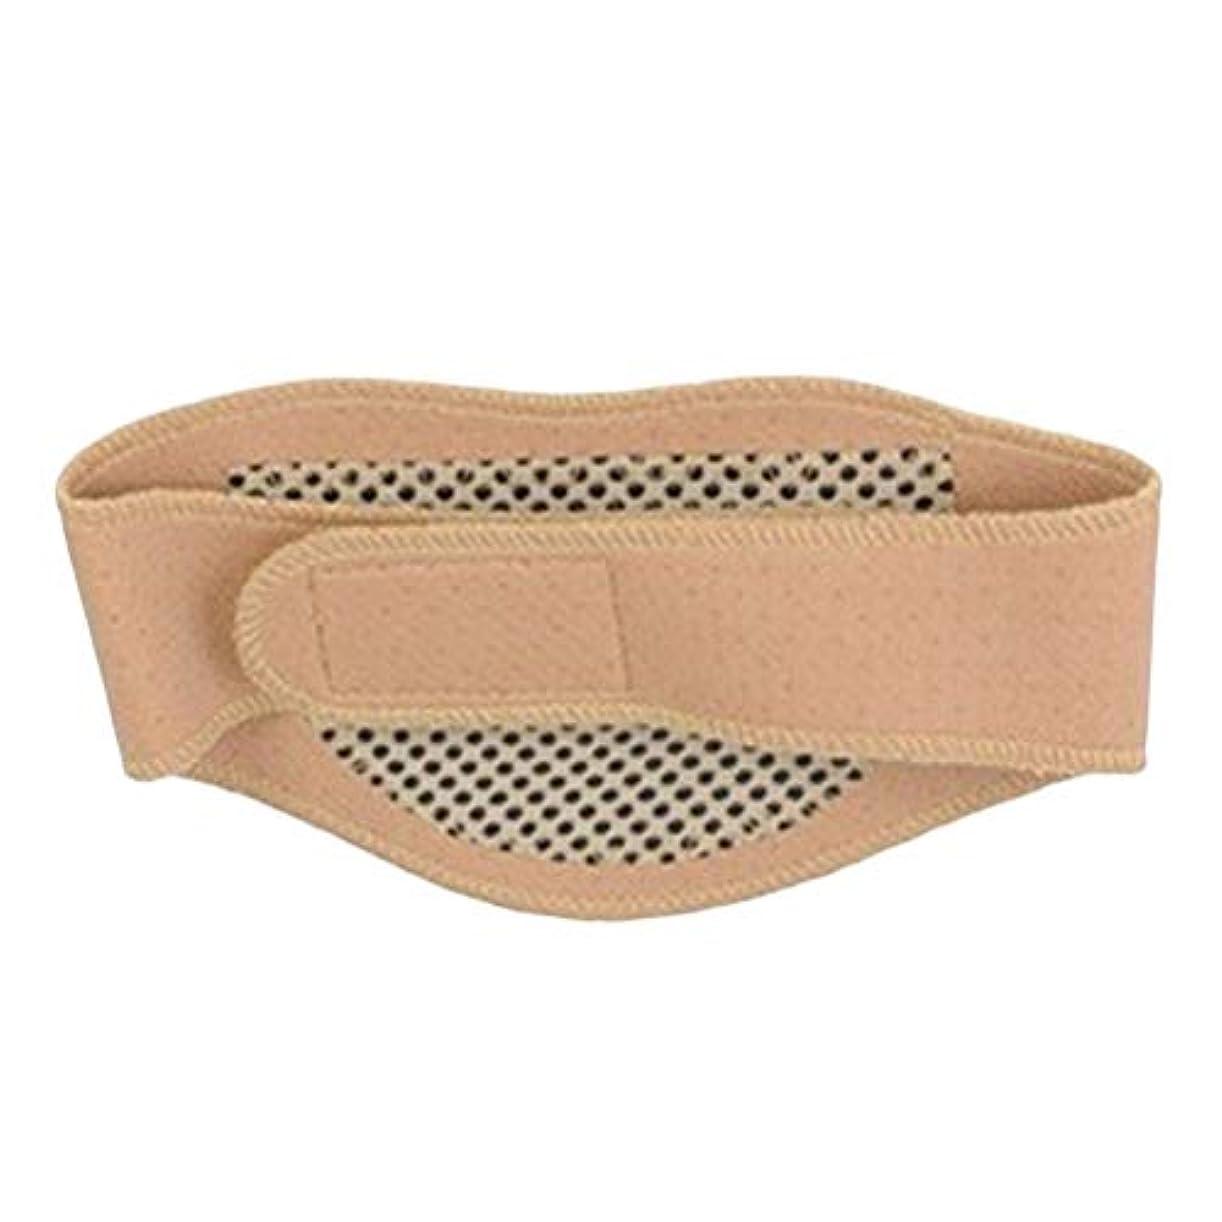 オーバーヘッドエキゾチックペストSUPVOX ネックバックストラップサポート自己保護頸椎自発暖房ガード磁気療法ネックブレース